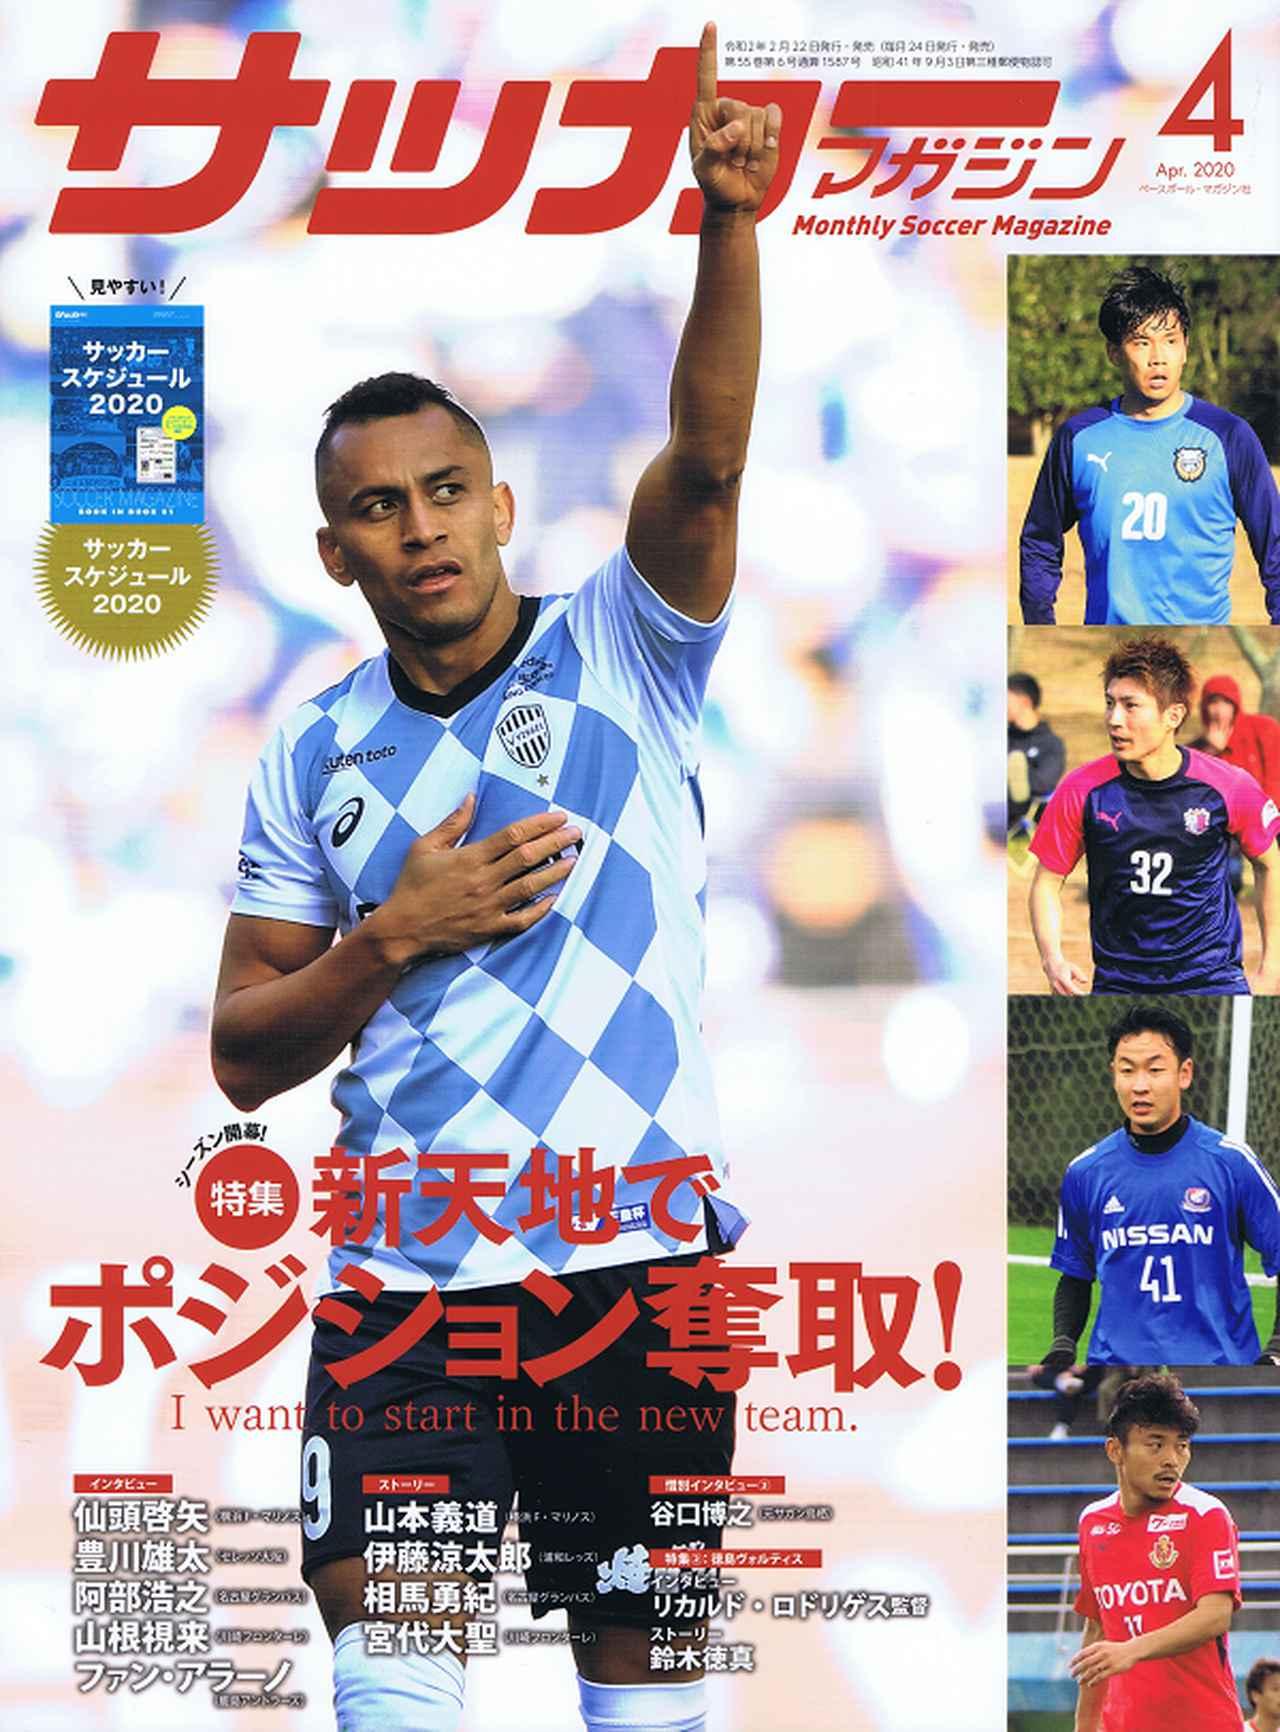 画像: 【BOOK CARTからのご購入】 サッカーマガジン 4月号